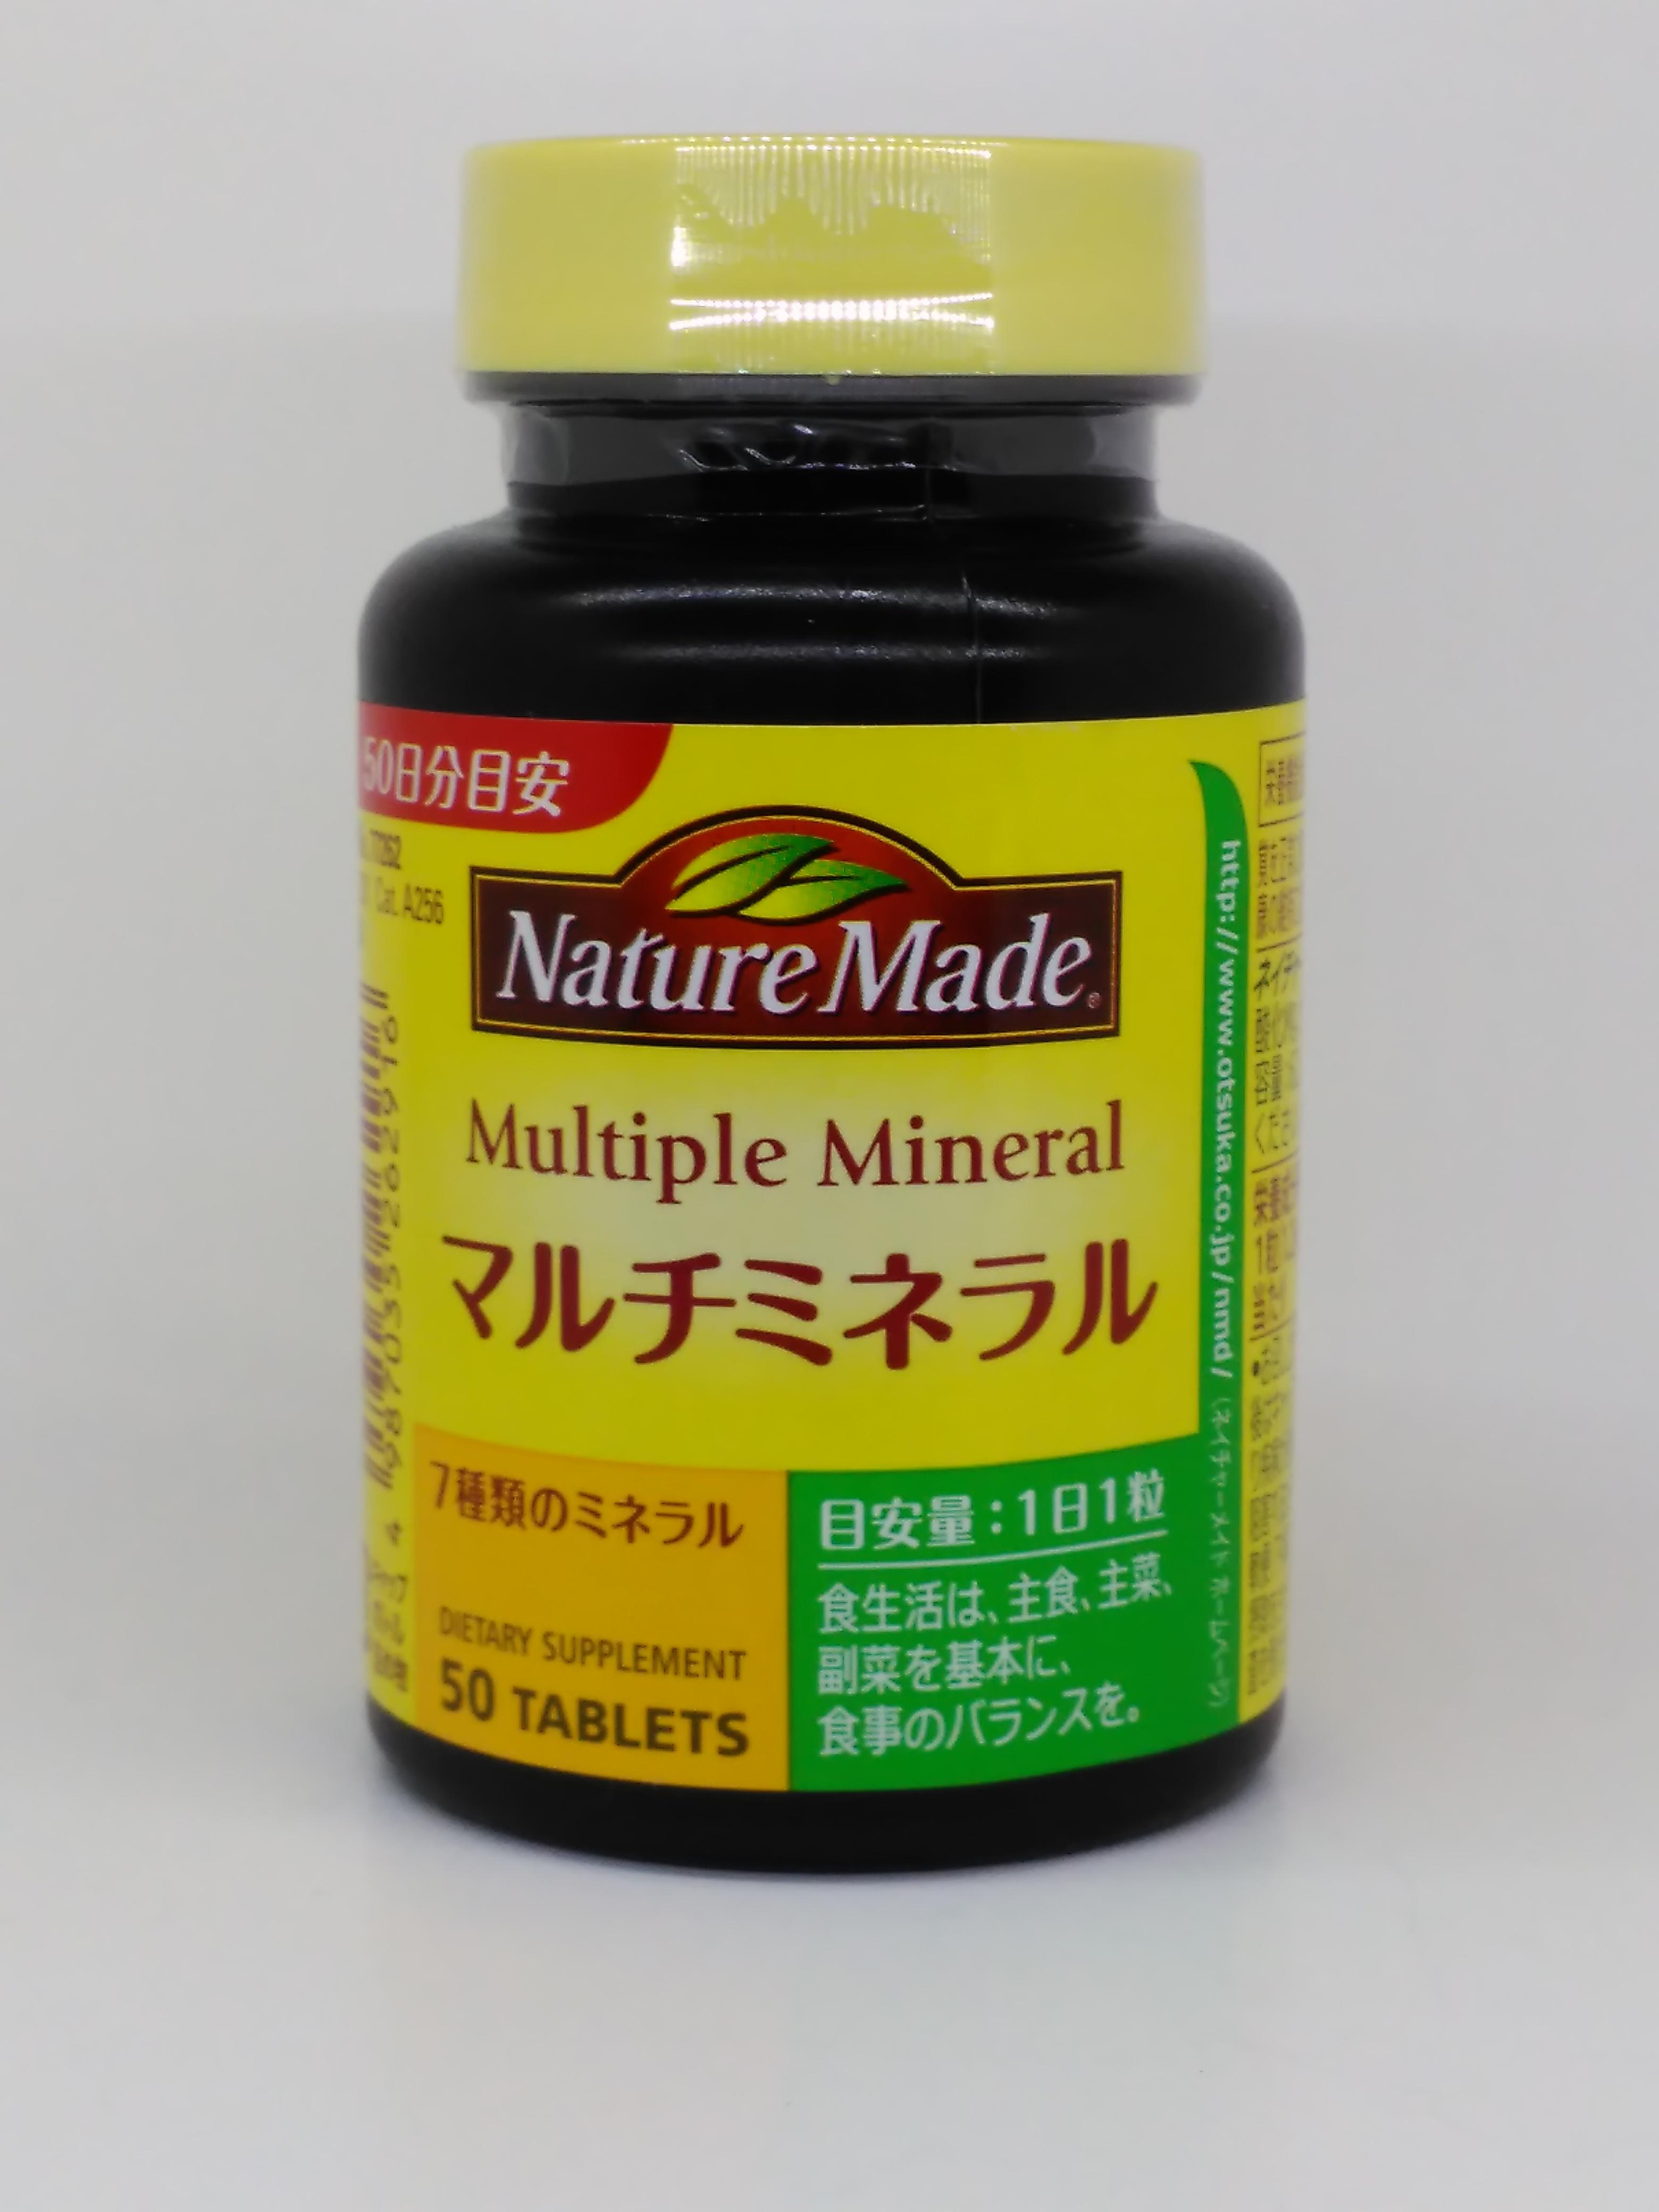 【TAKEYAスマイル便 対象品】大塚製薬 ネイチャーメイド マルチミネラル 50粒